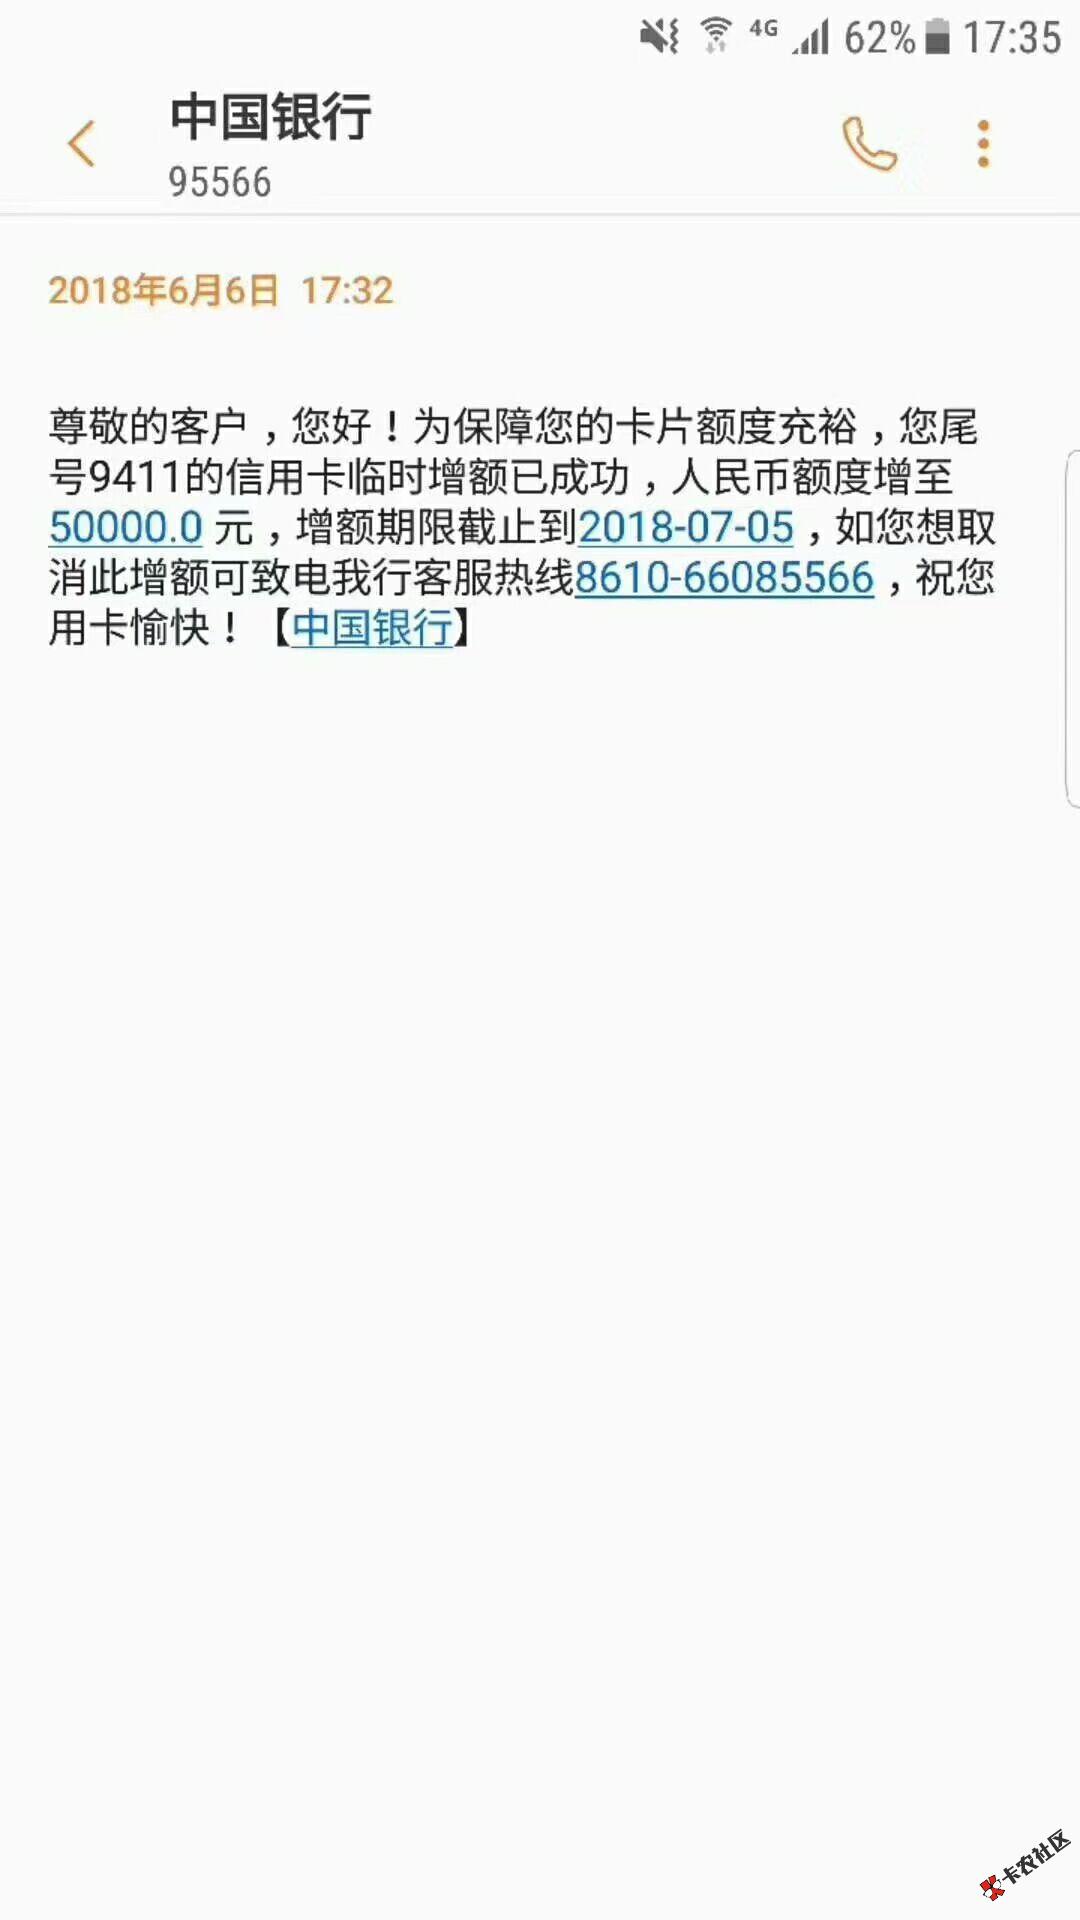 中国银行信用卡强制提额!强制提额!打电话提不了,app...14 / 作者:卡农110 /